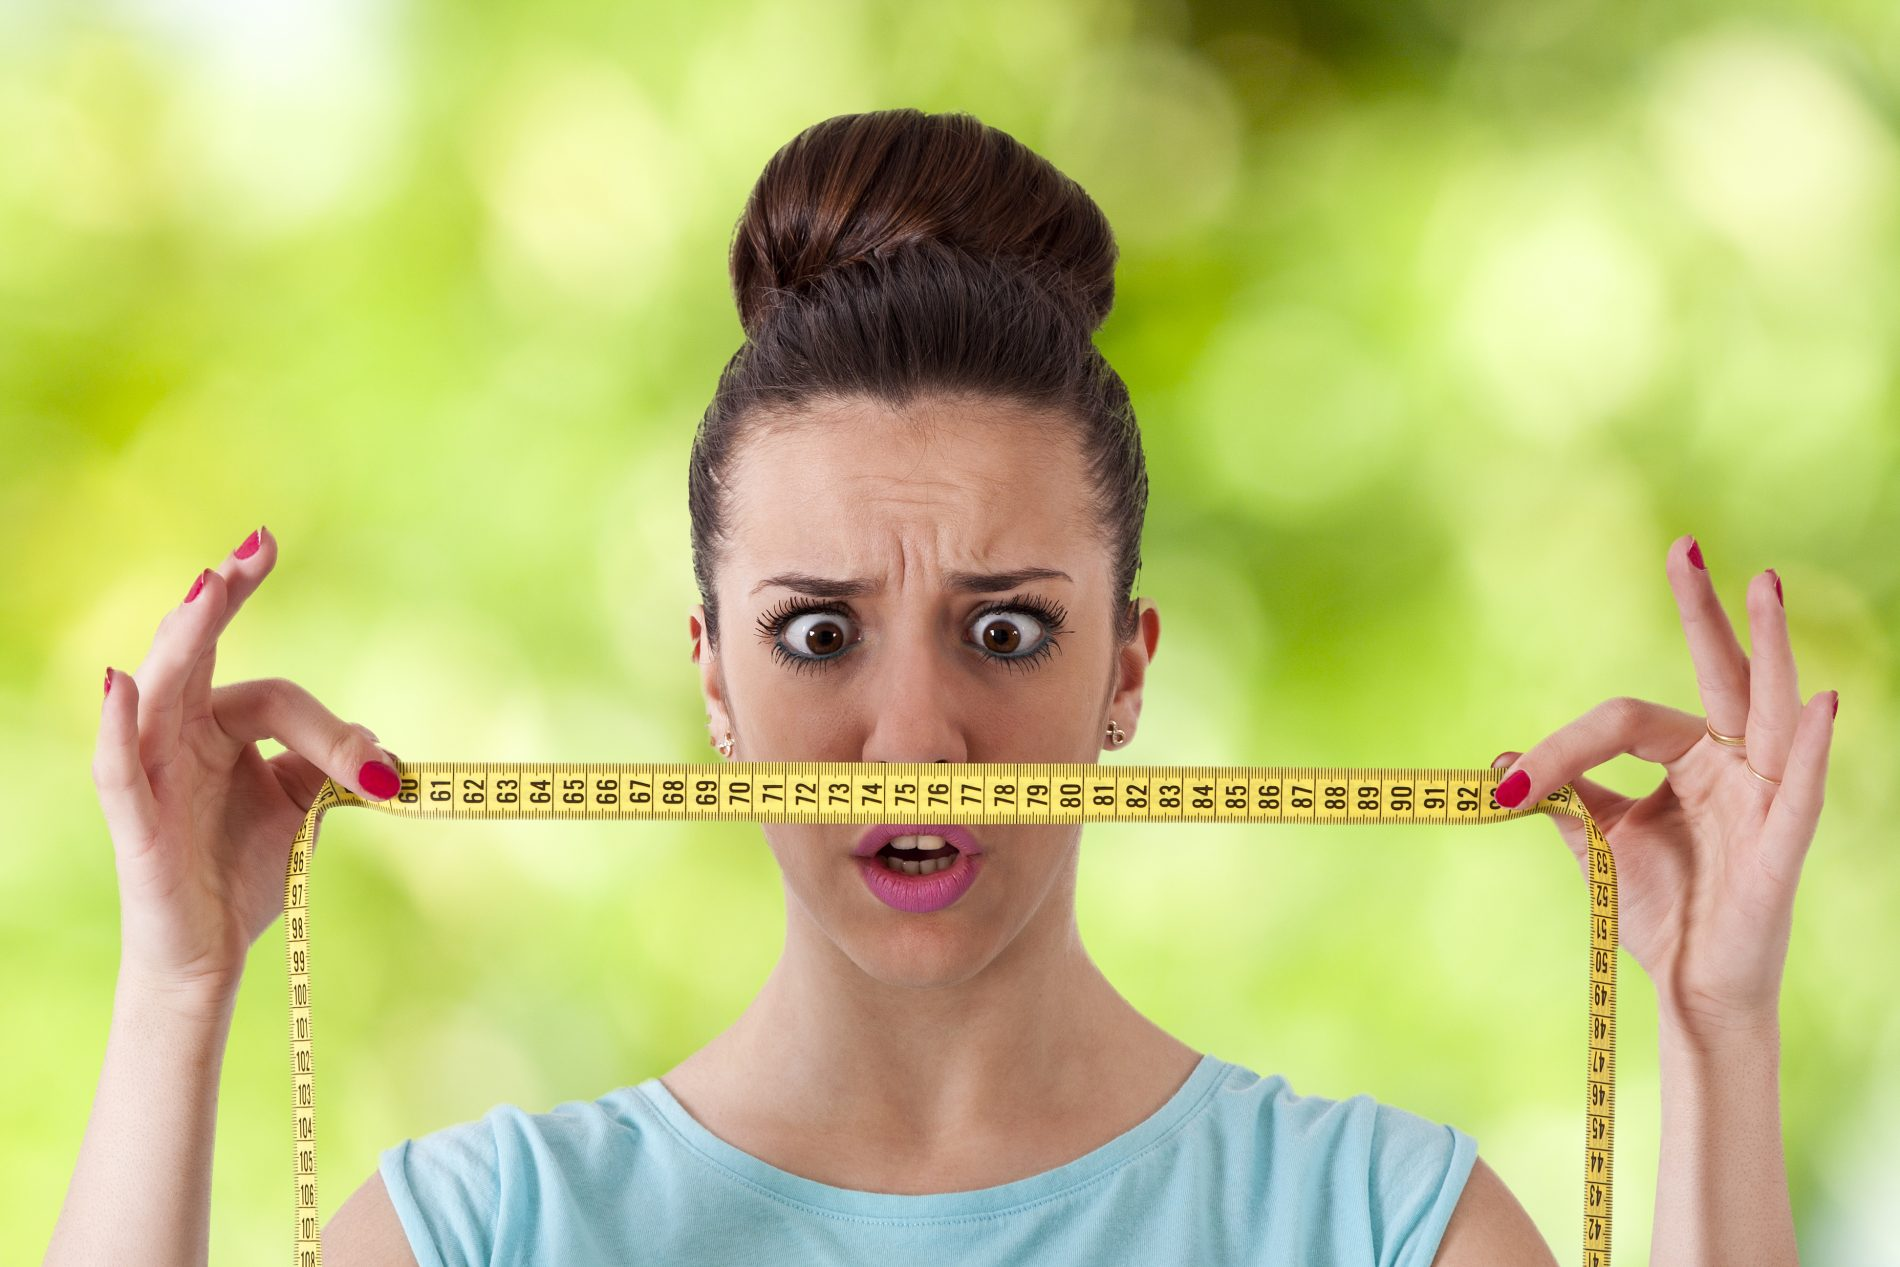 iniziare una dieta: domande da farsi per essere motivata